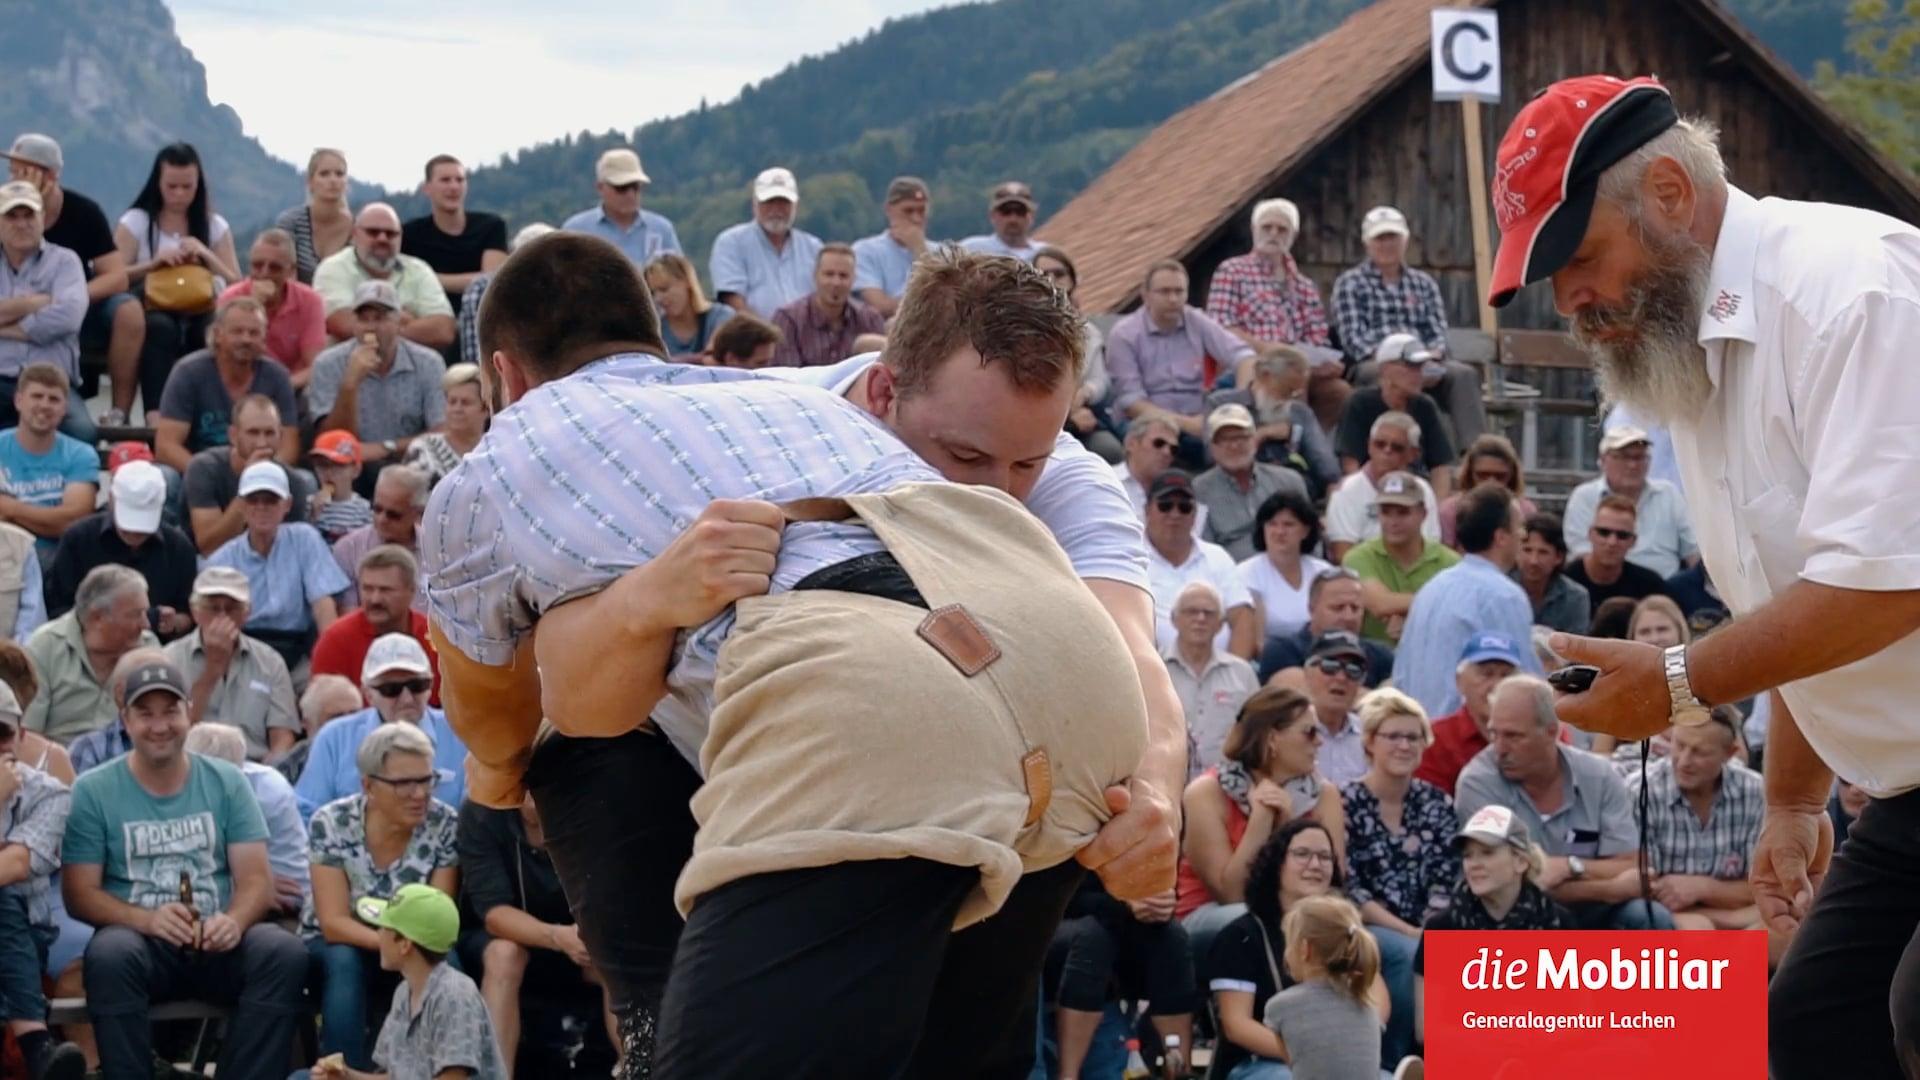 Schweizerische Mobiliar Versicherungsgesellschaft Generalagentur in Lachen